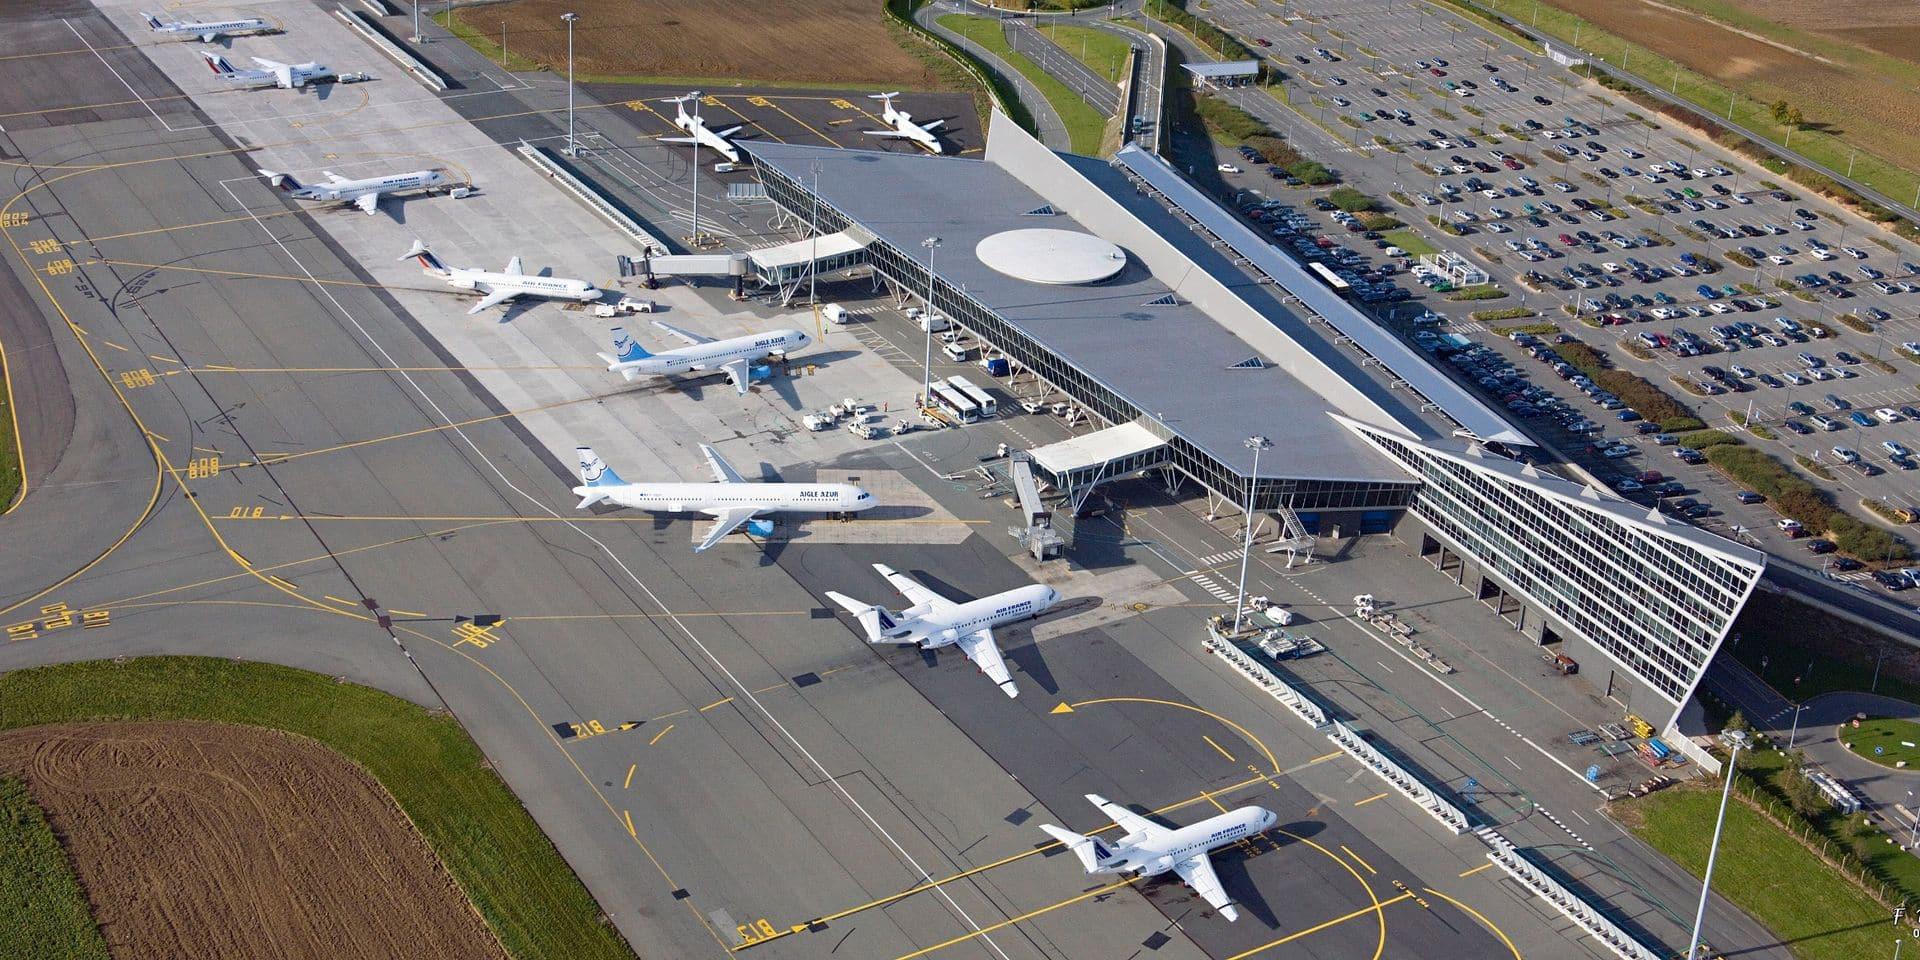 Bilan du trafic à l'aéroport de Lille : une reprise marquée en été